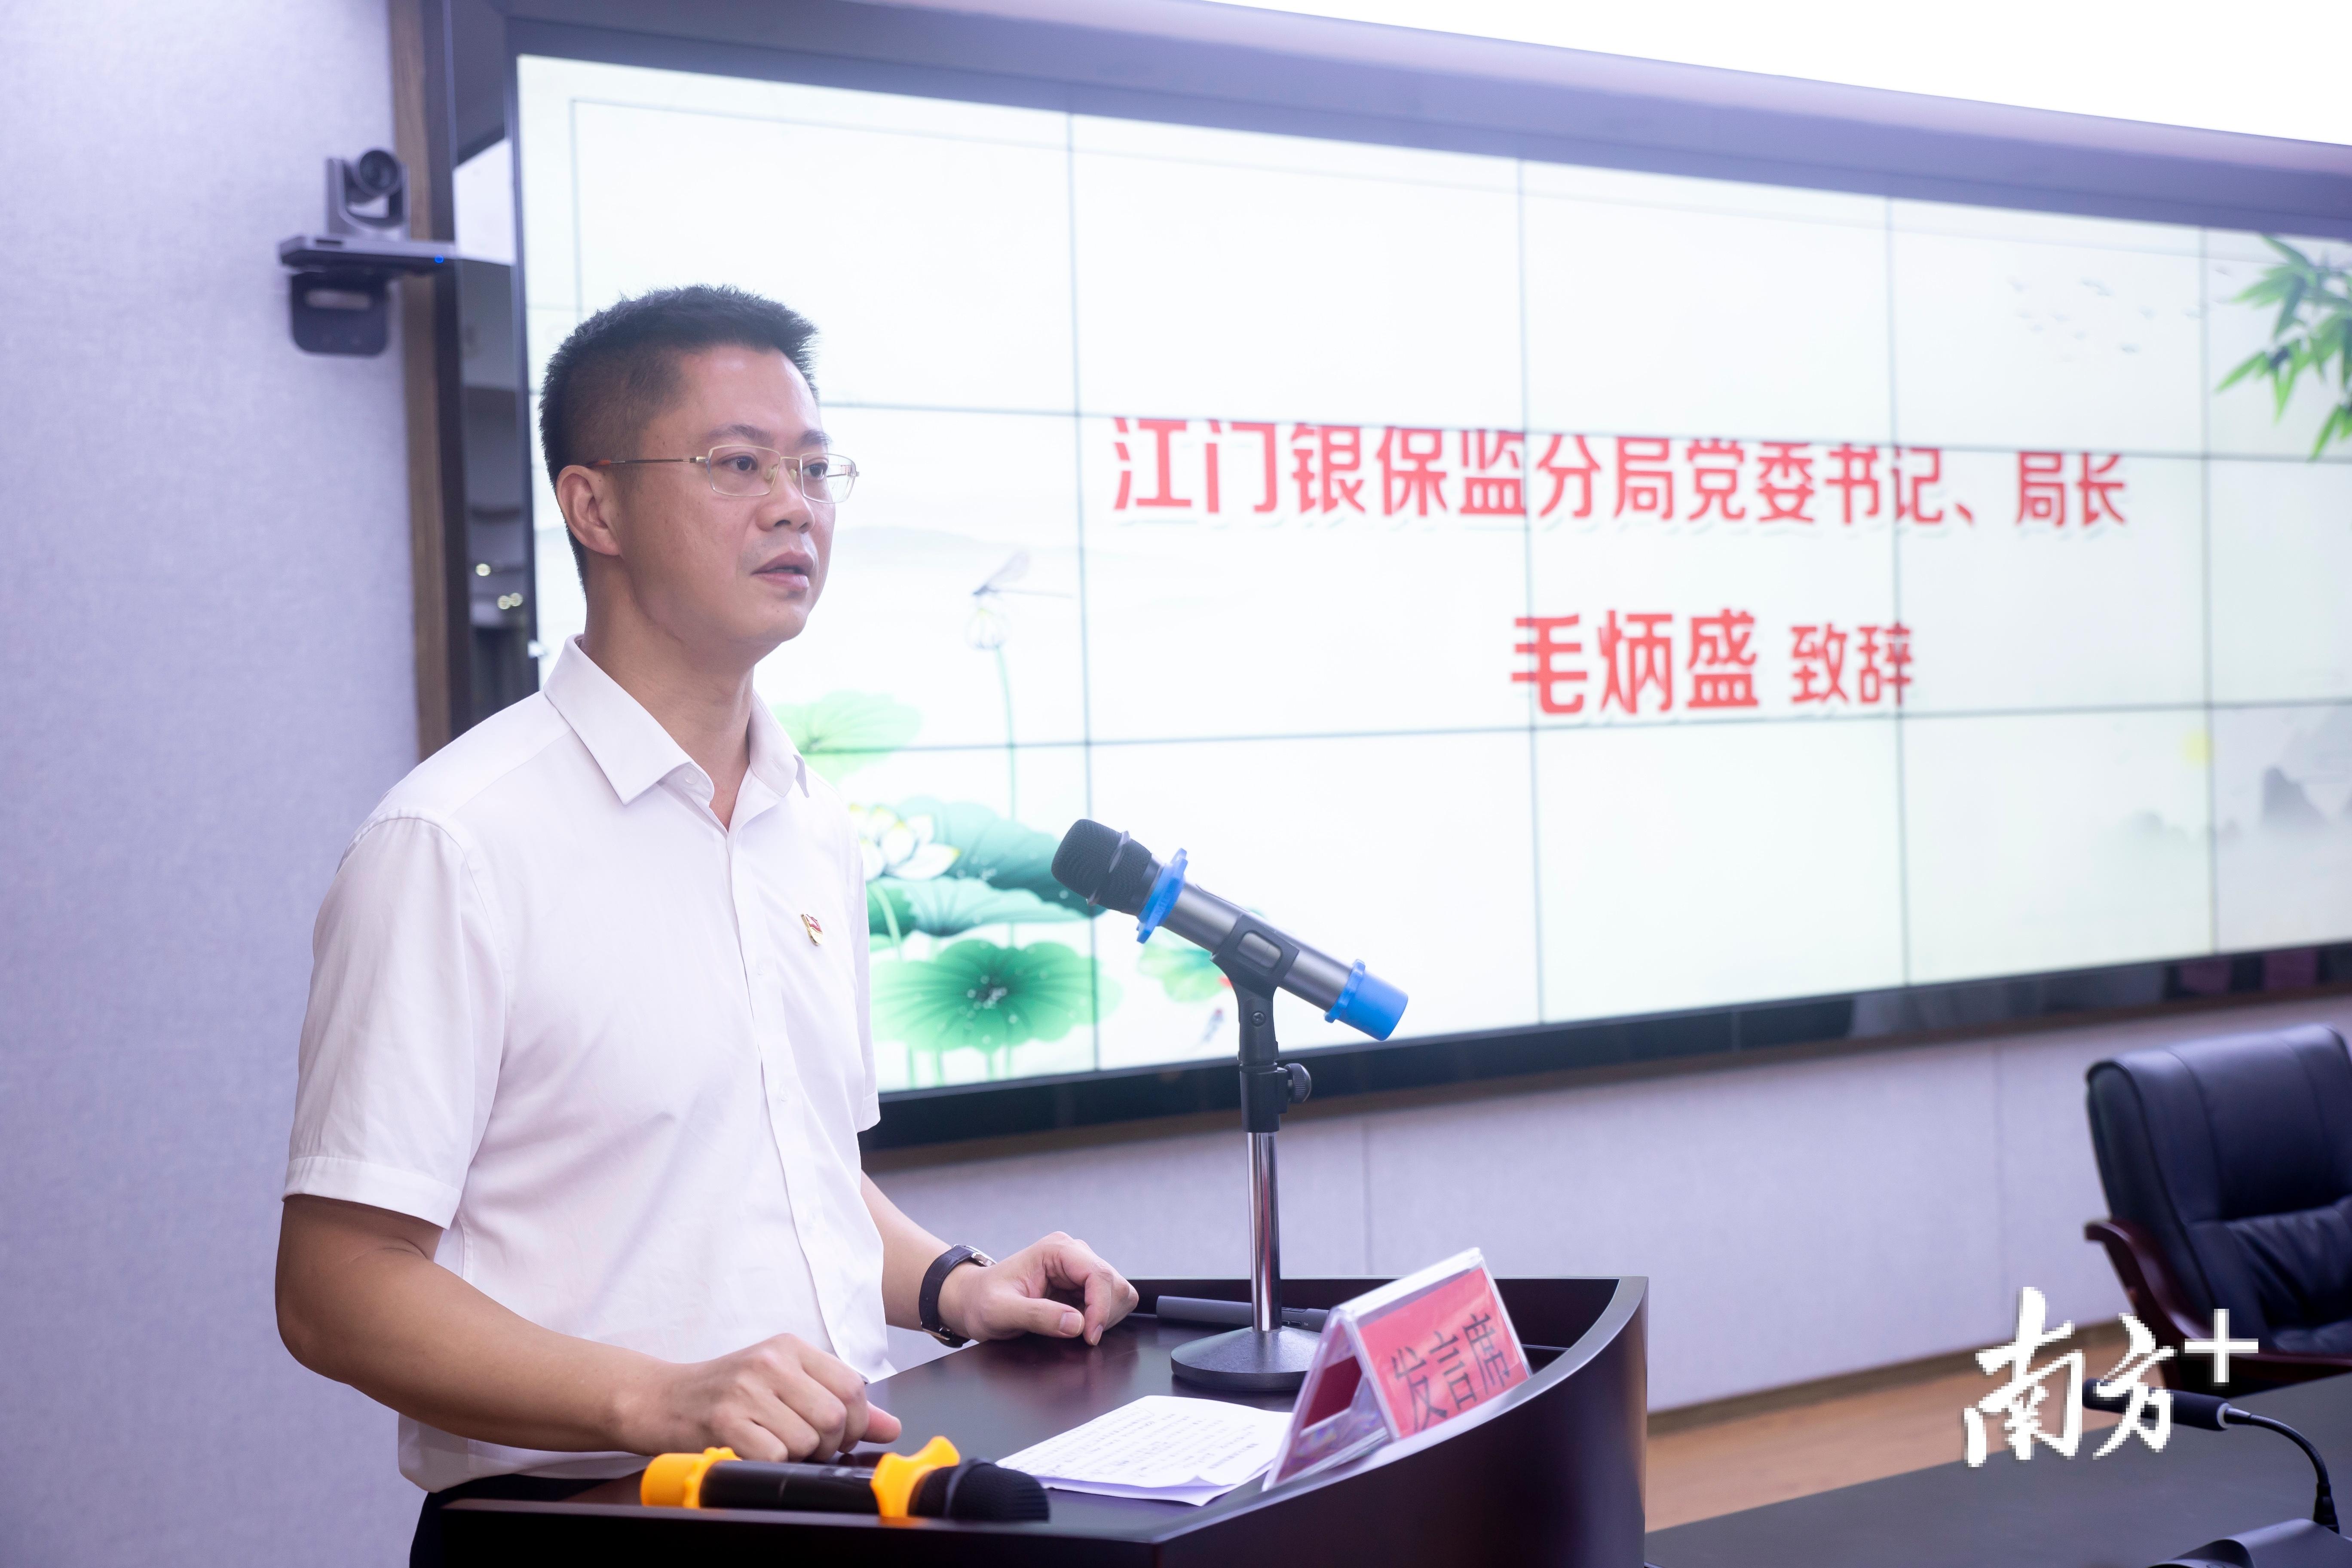 江门银保监分局党委书记、局长毛炳盛致辞。开平市检察院提供